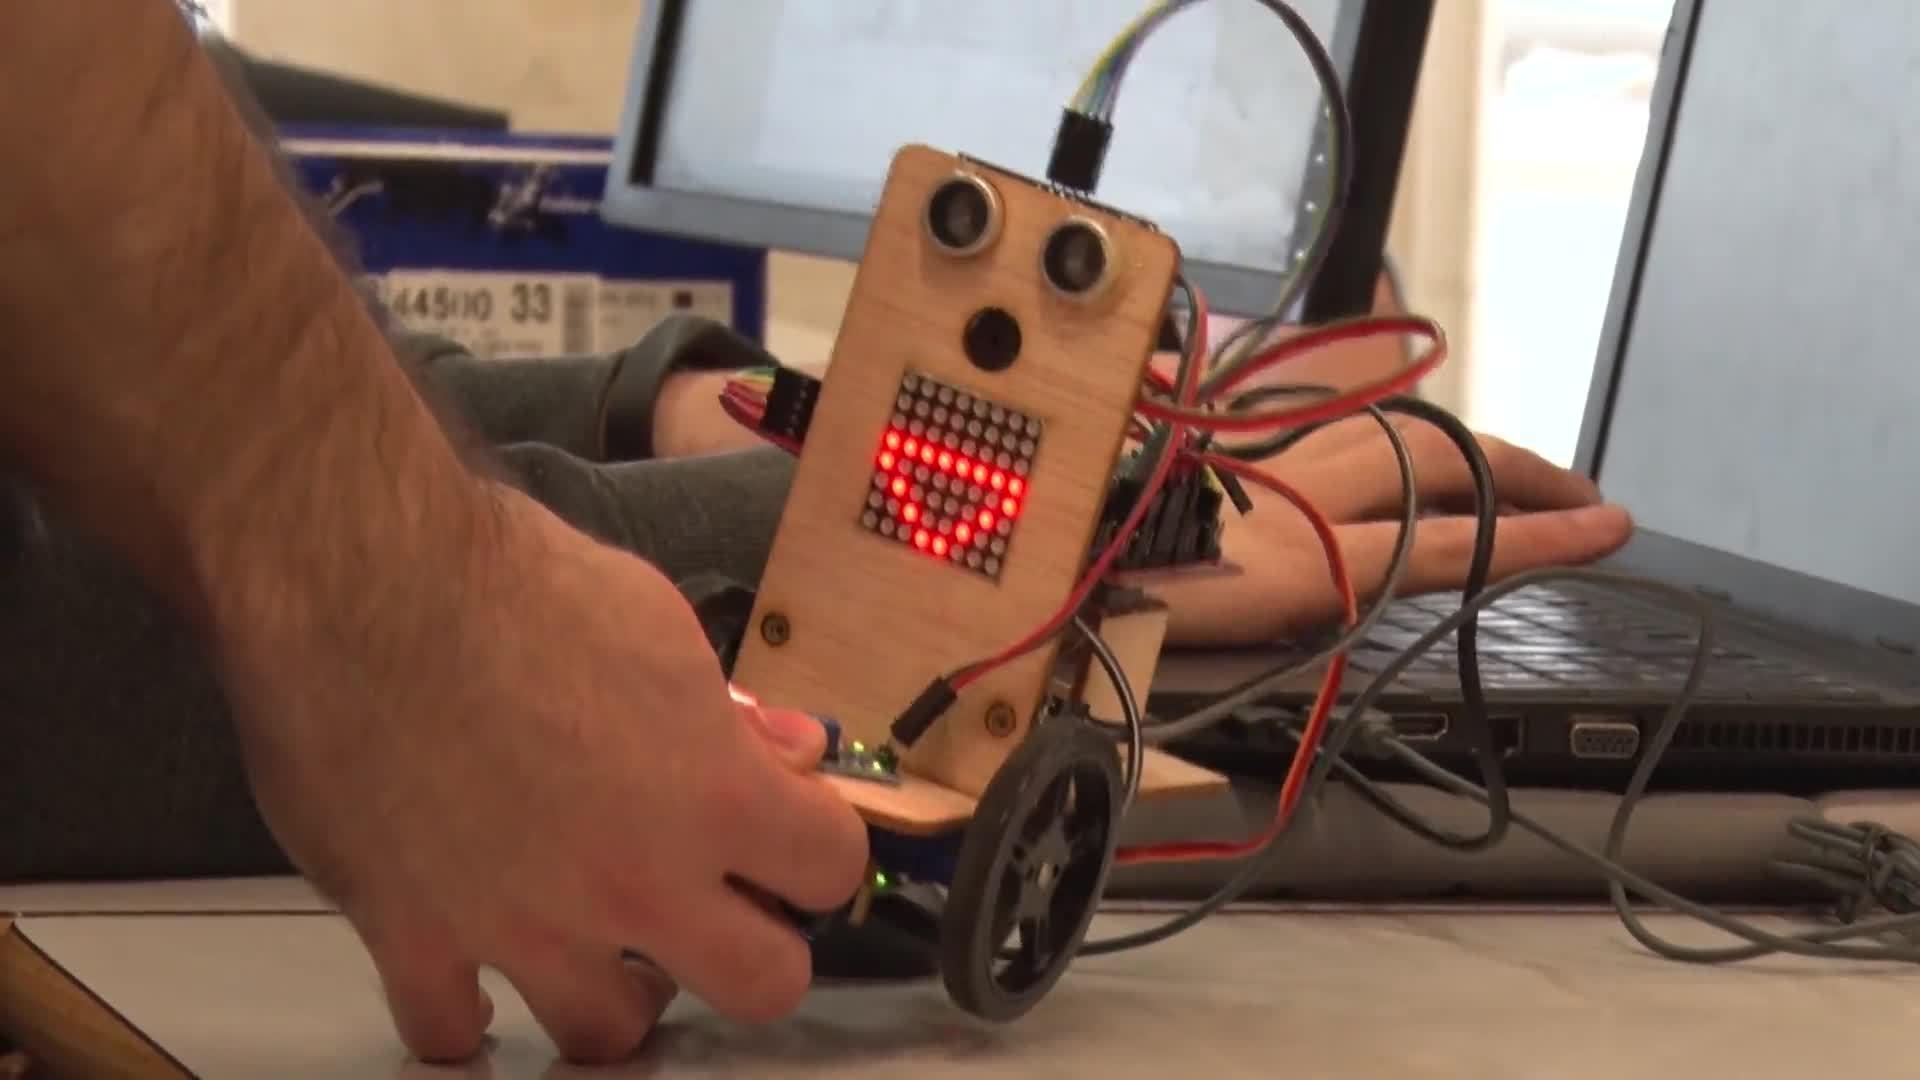 09-05-2017 Construir un robot de forma rápida y sencilla